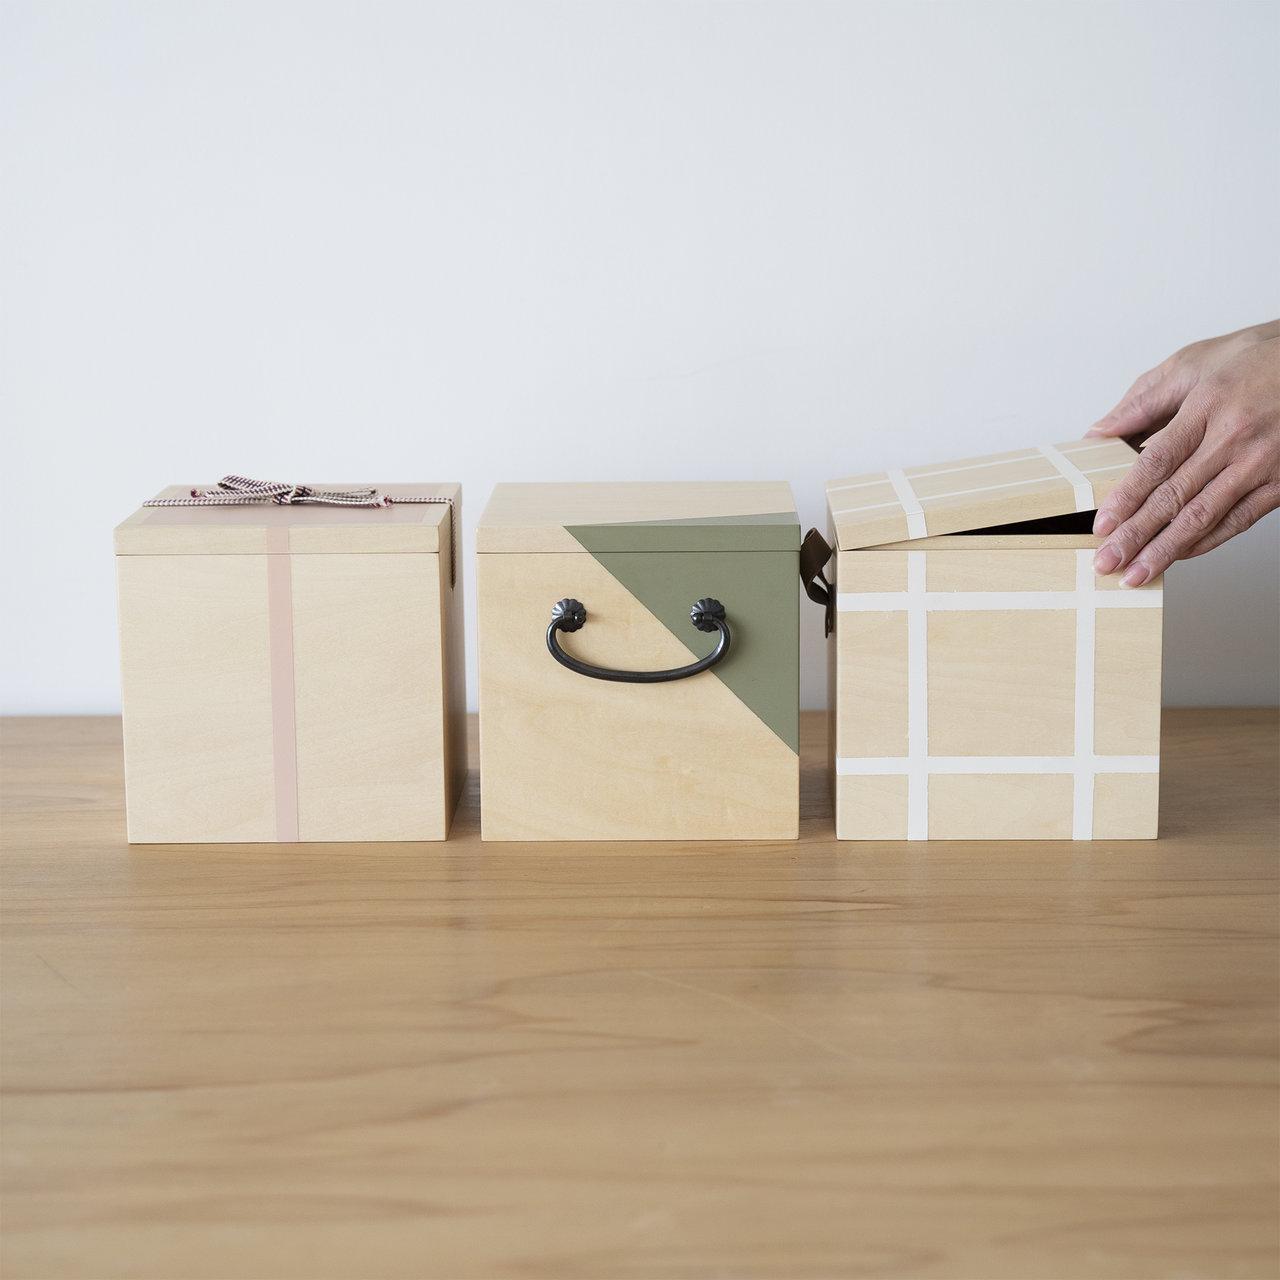 新しい抹茶の楽しみ方を提案する「Ippukubox(イップクボックス)」5月15日発売!